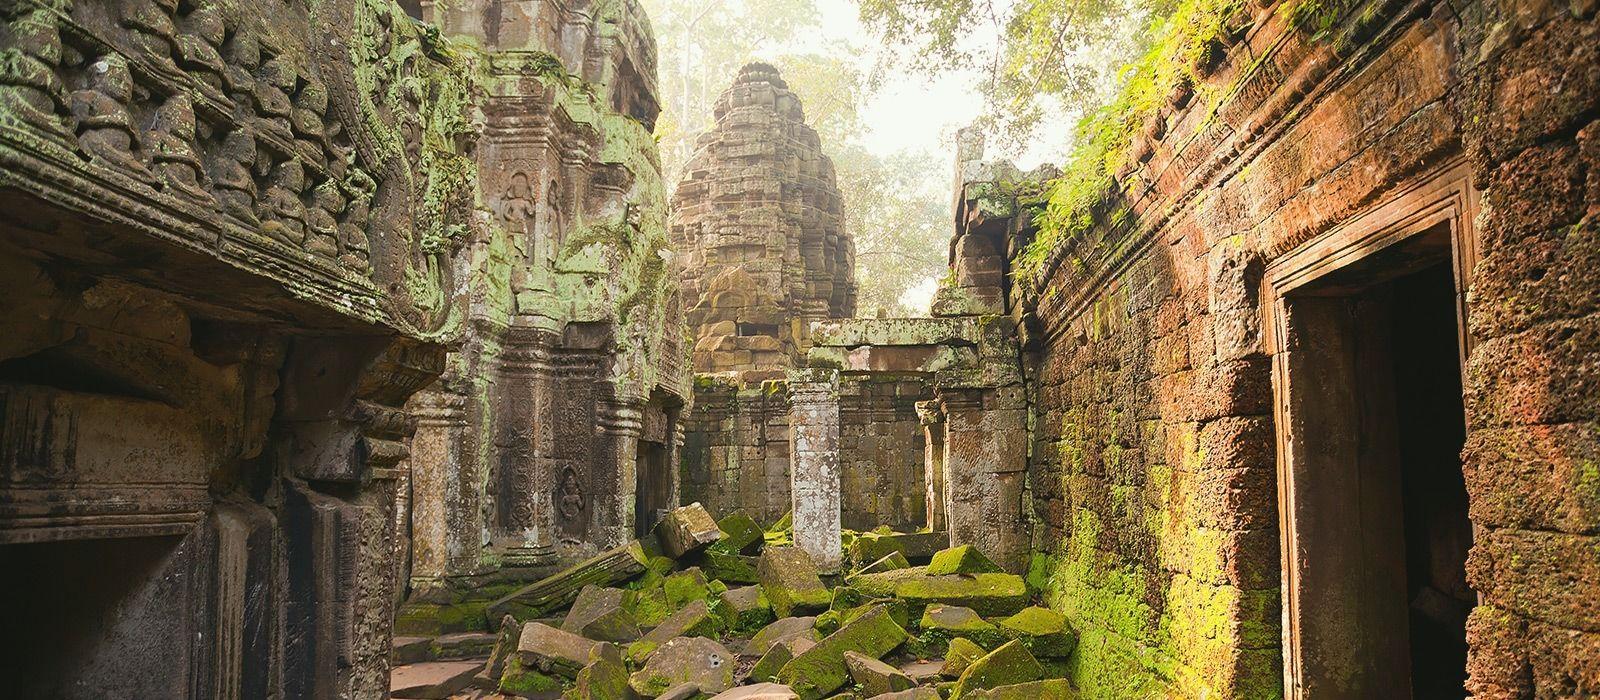 Kulturschätze Südostasiens – Laos und Kambodscha Rundreise Urlaub 2